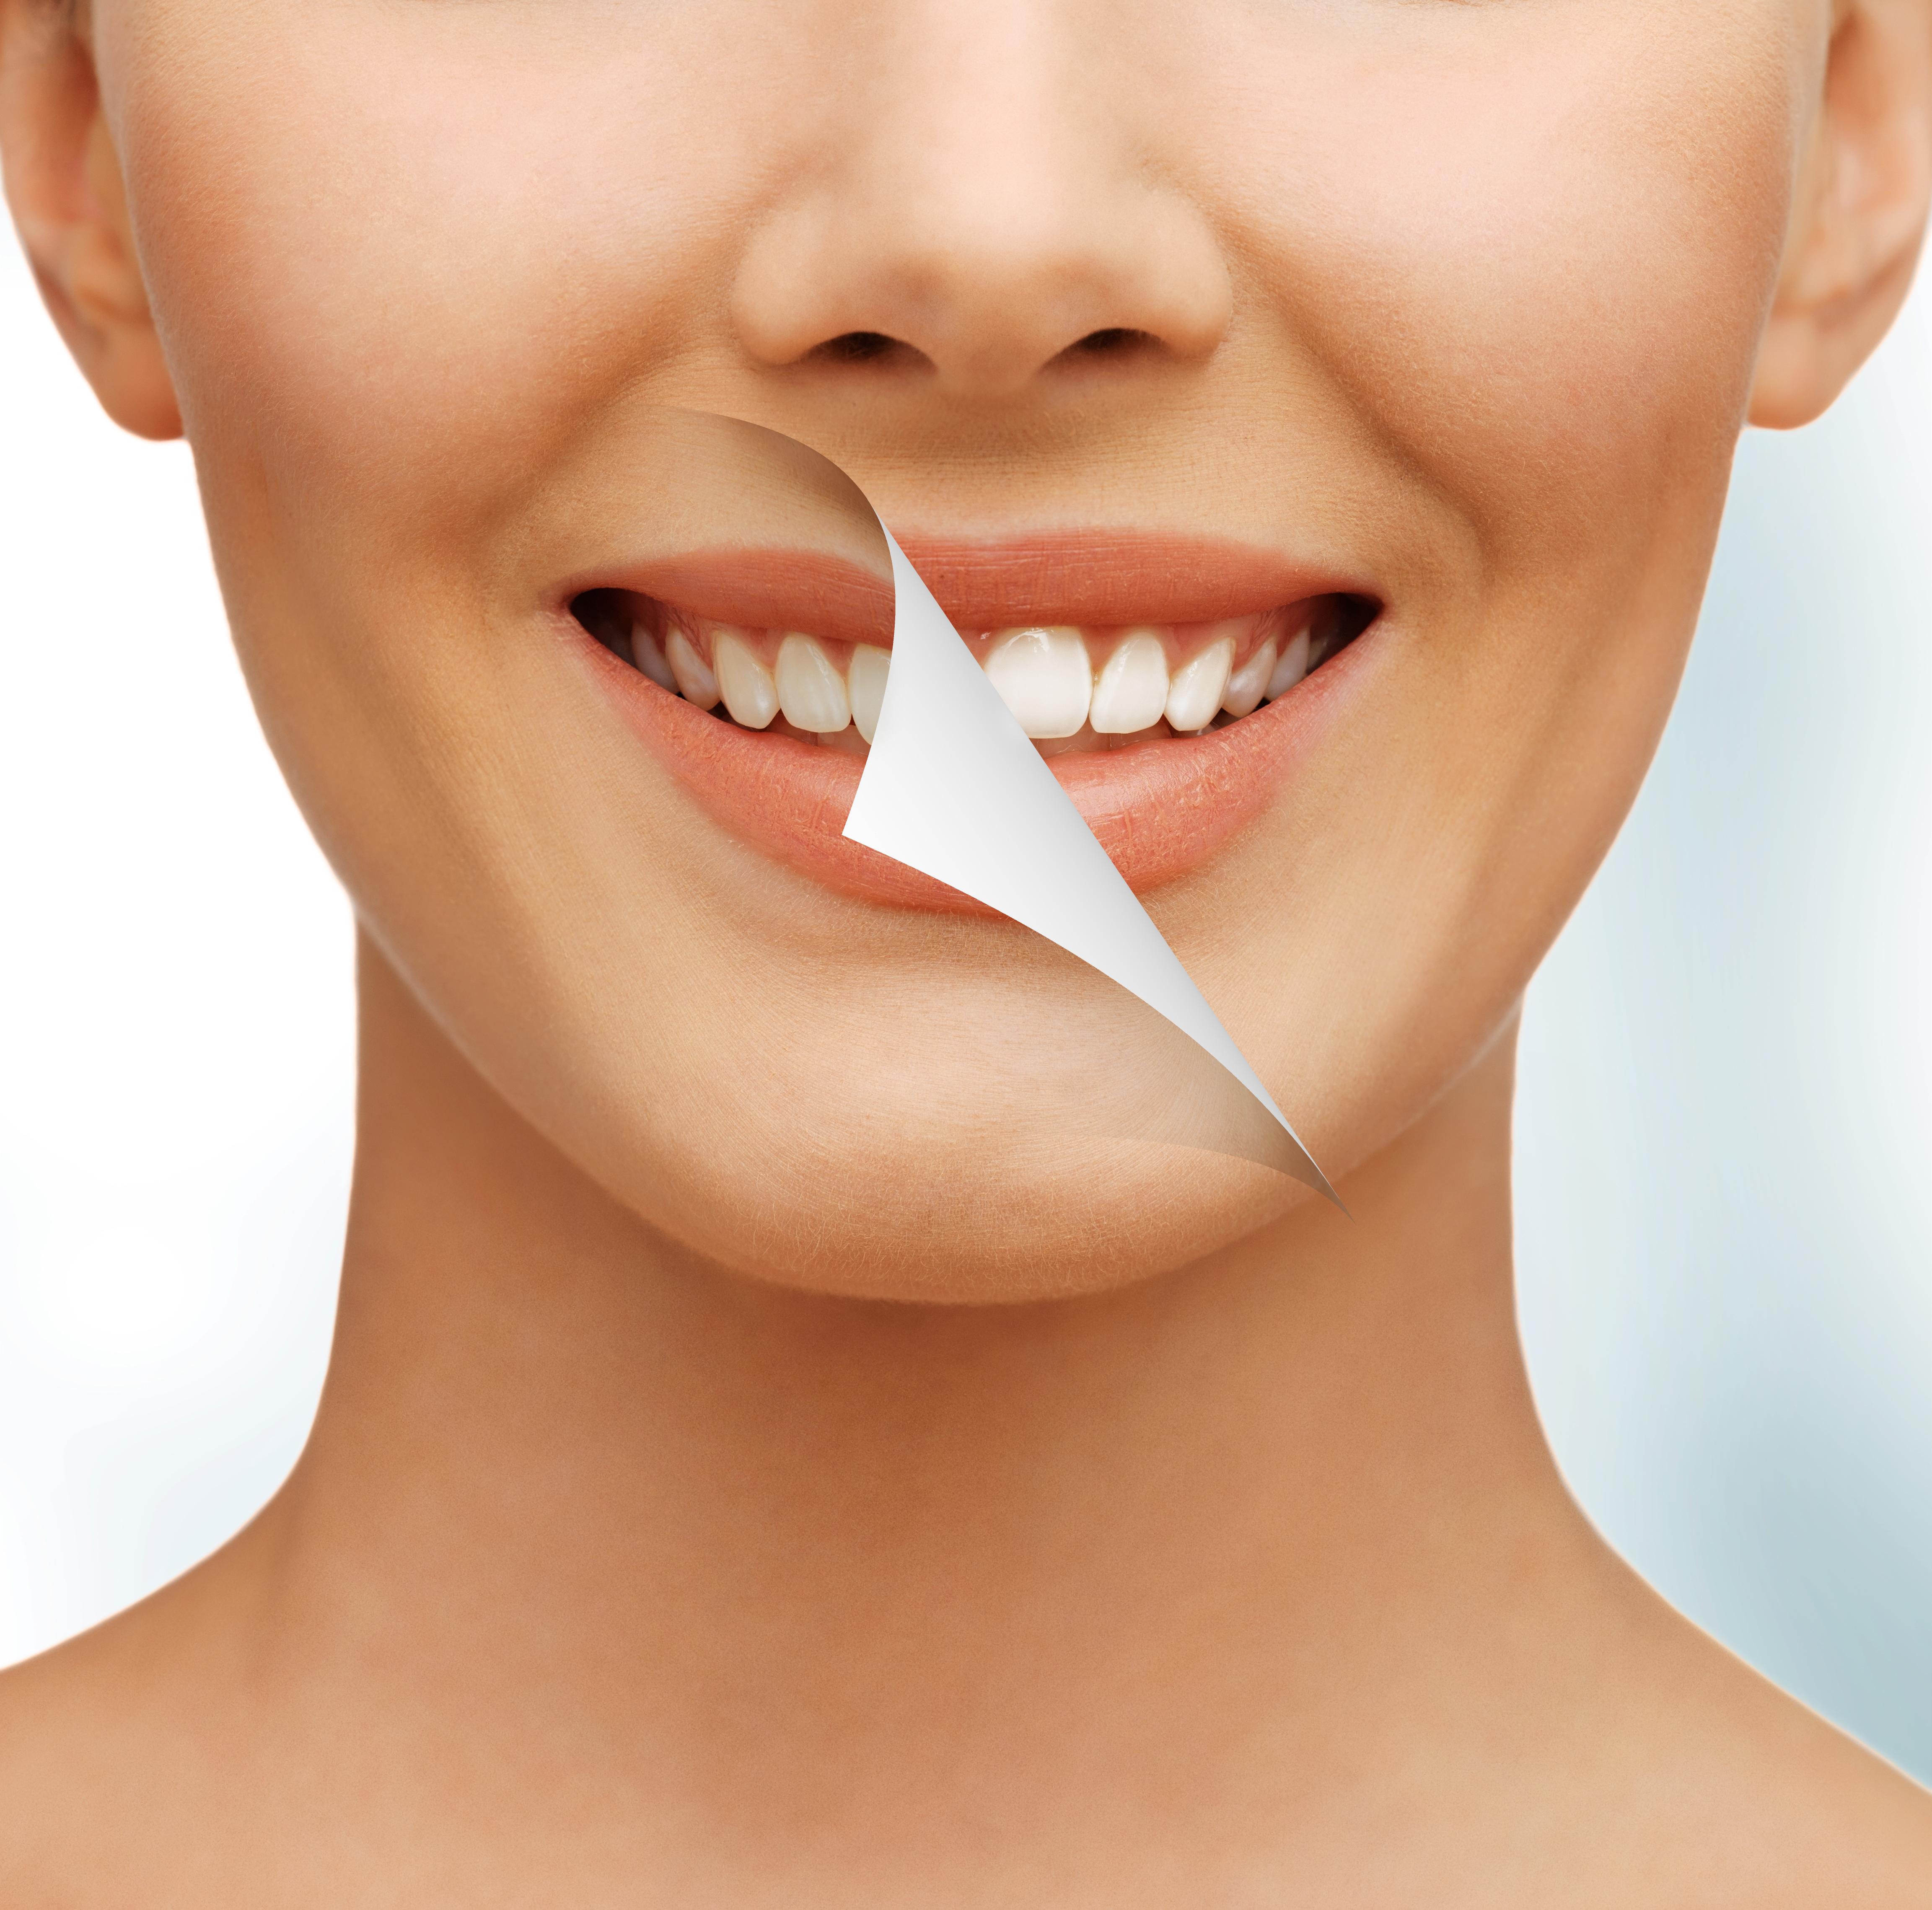 Radiología 3D e Implantes dentales en Murcia 5